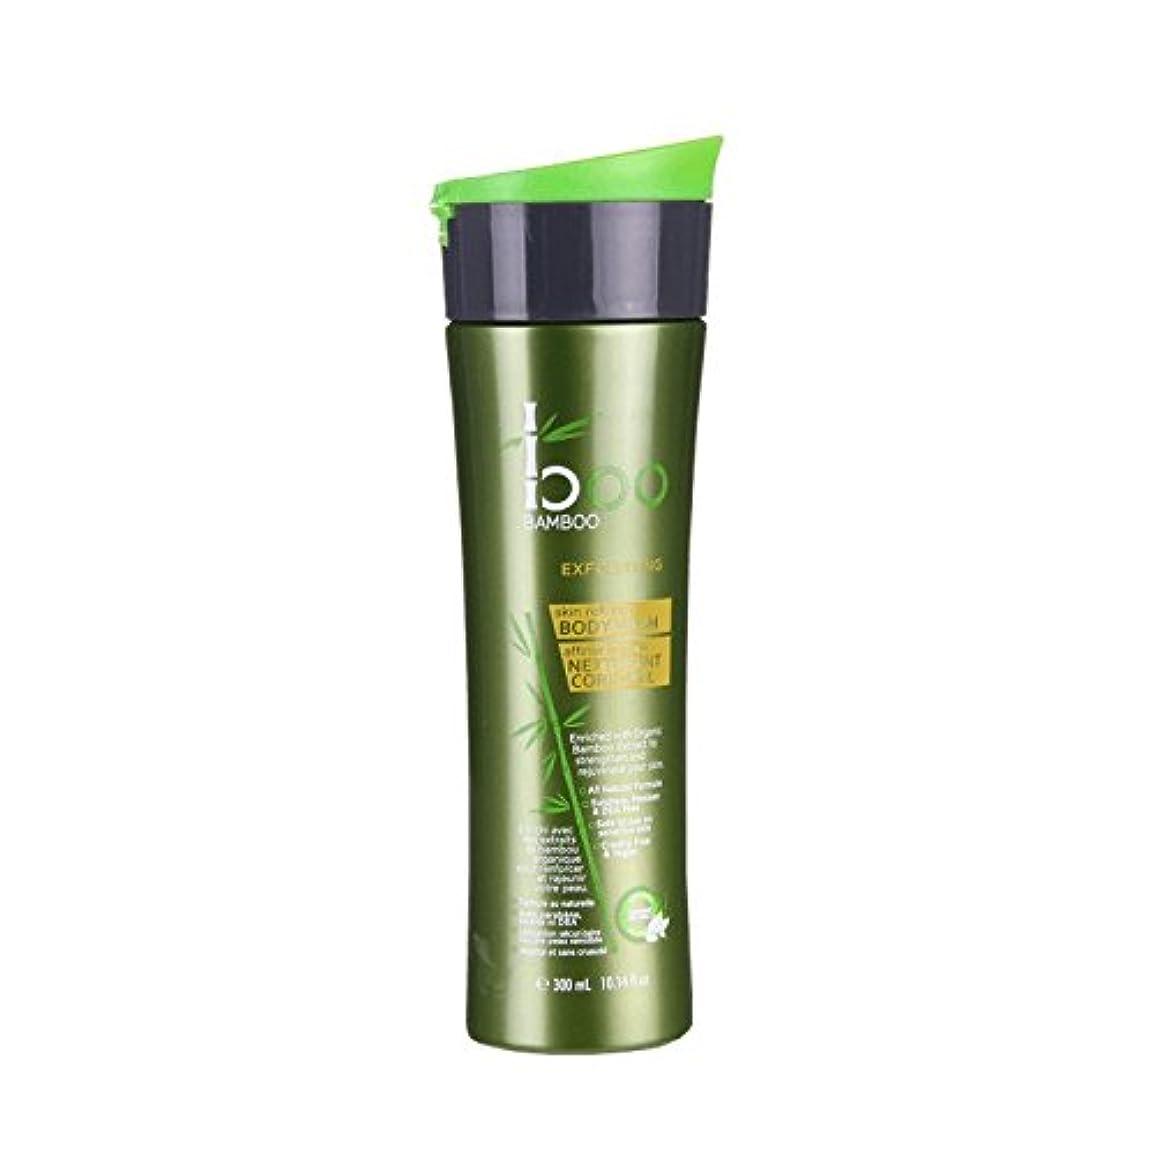 バンク壁粒子Boo Bamboo Exfoliating Body Wash 300ml (Pack of 2) - 竹ピーリングボディウォッシュ300ミリリットルブーイング (x2) [並行輸入品]